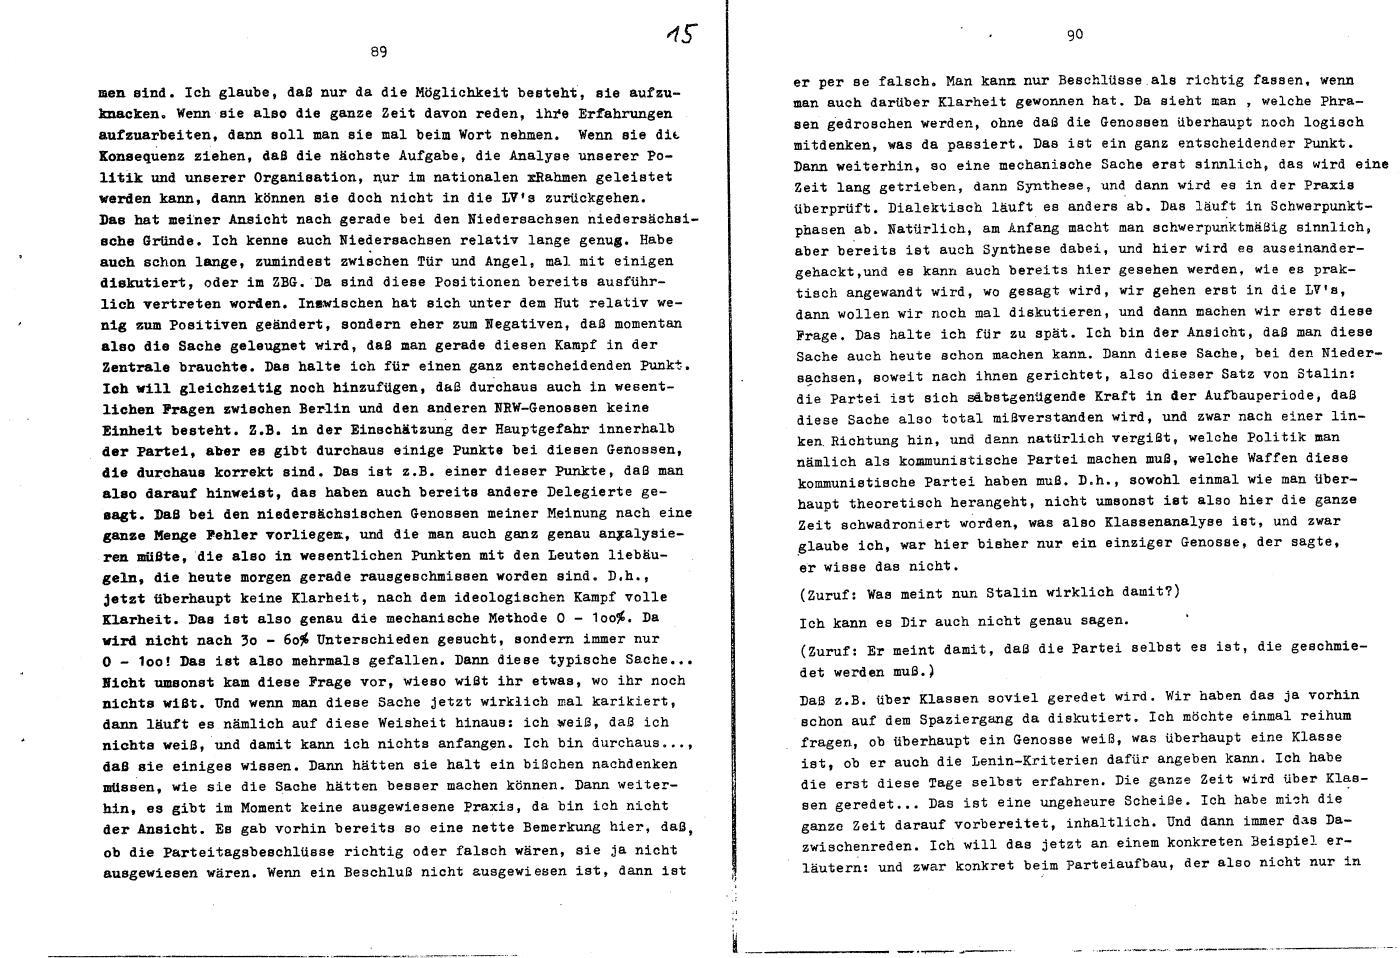 KPDML_1971_Wortprotokolle_aoPt_034